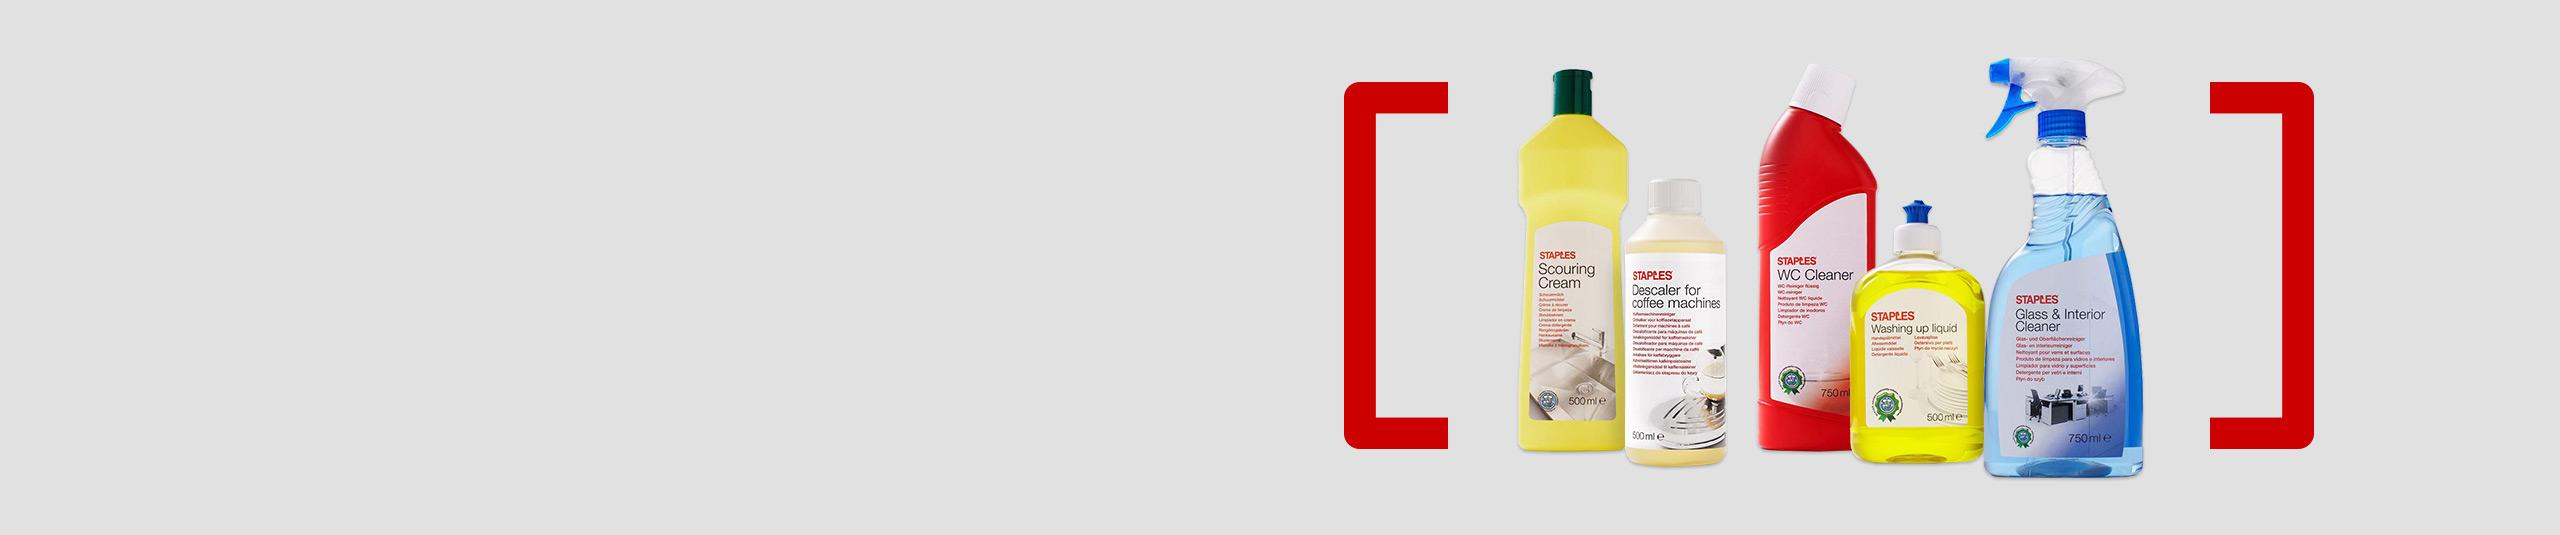 Seleção de detergentes Staples